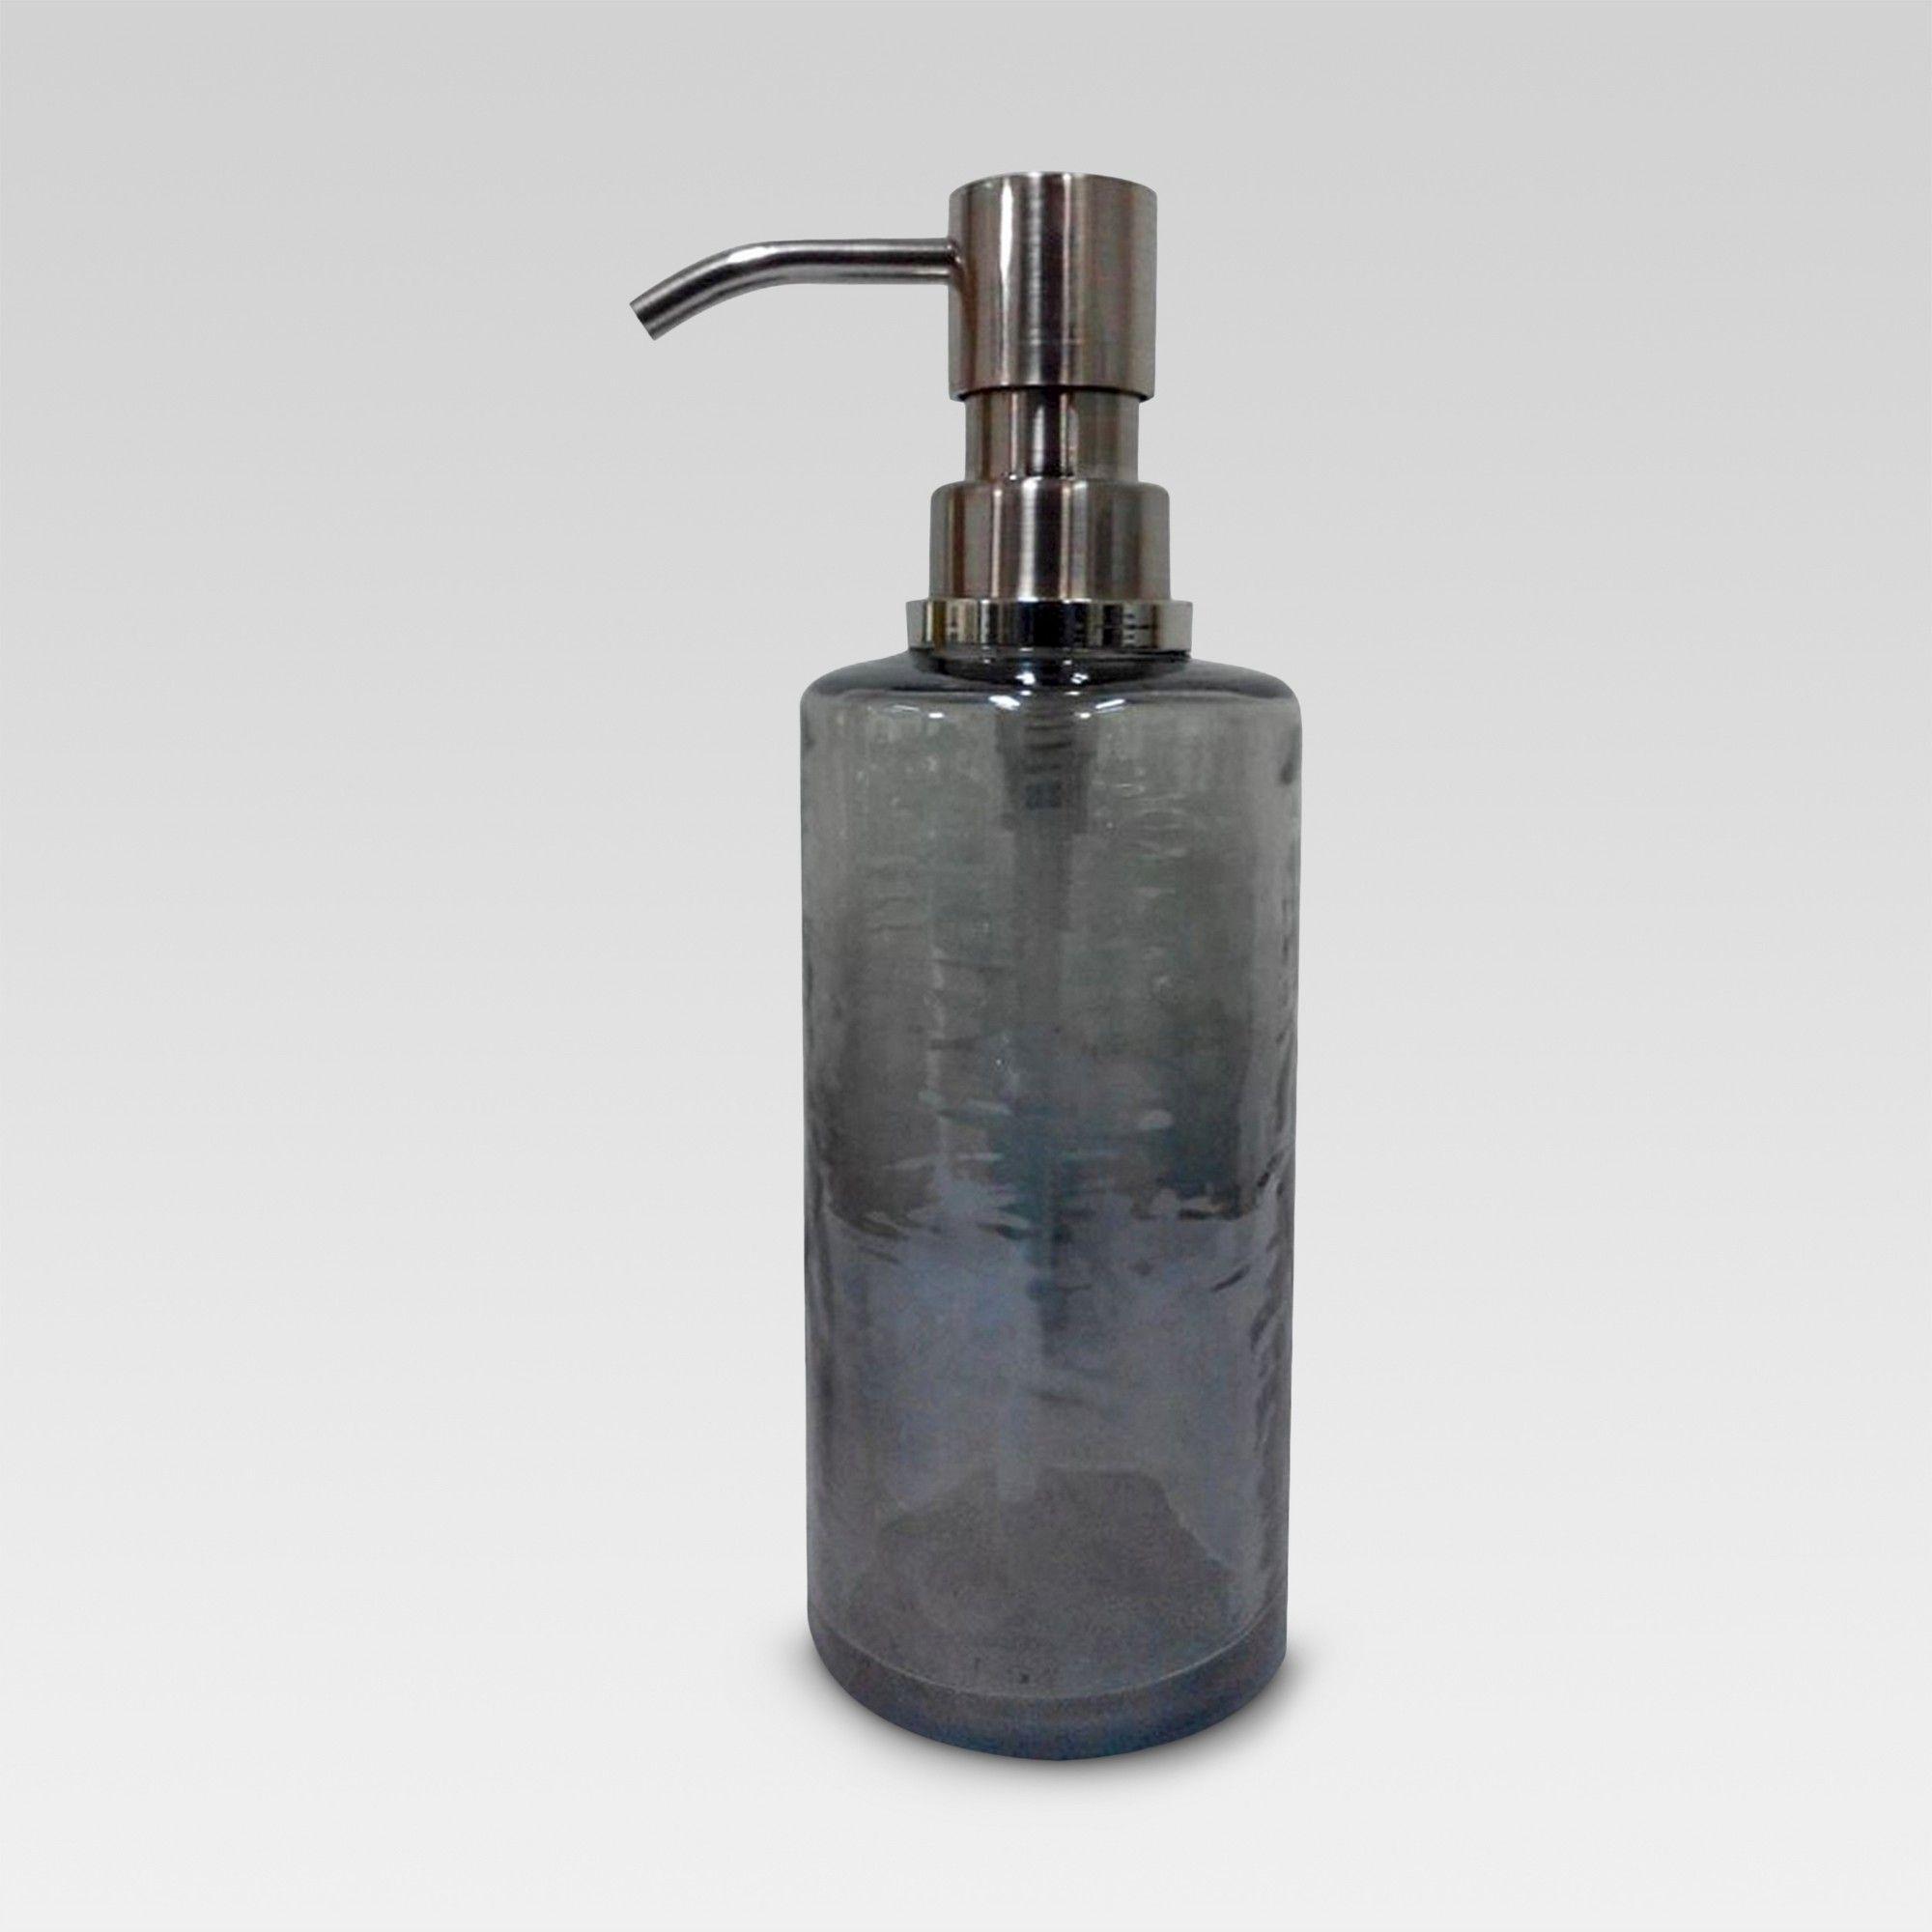 Soap Lotion Dispenser Gray Threshold Lotion Dispenser Glass